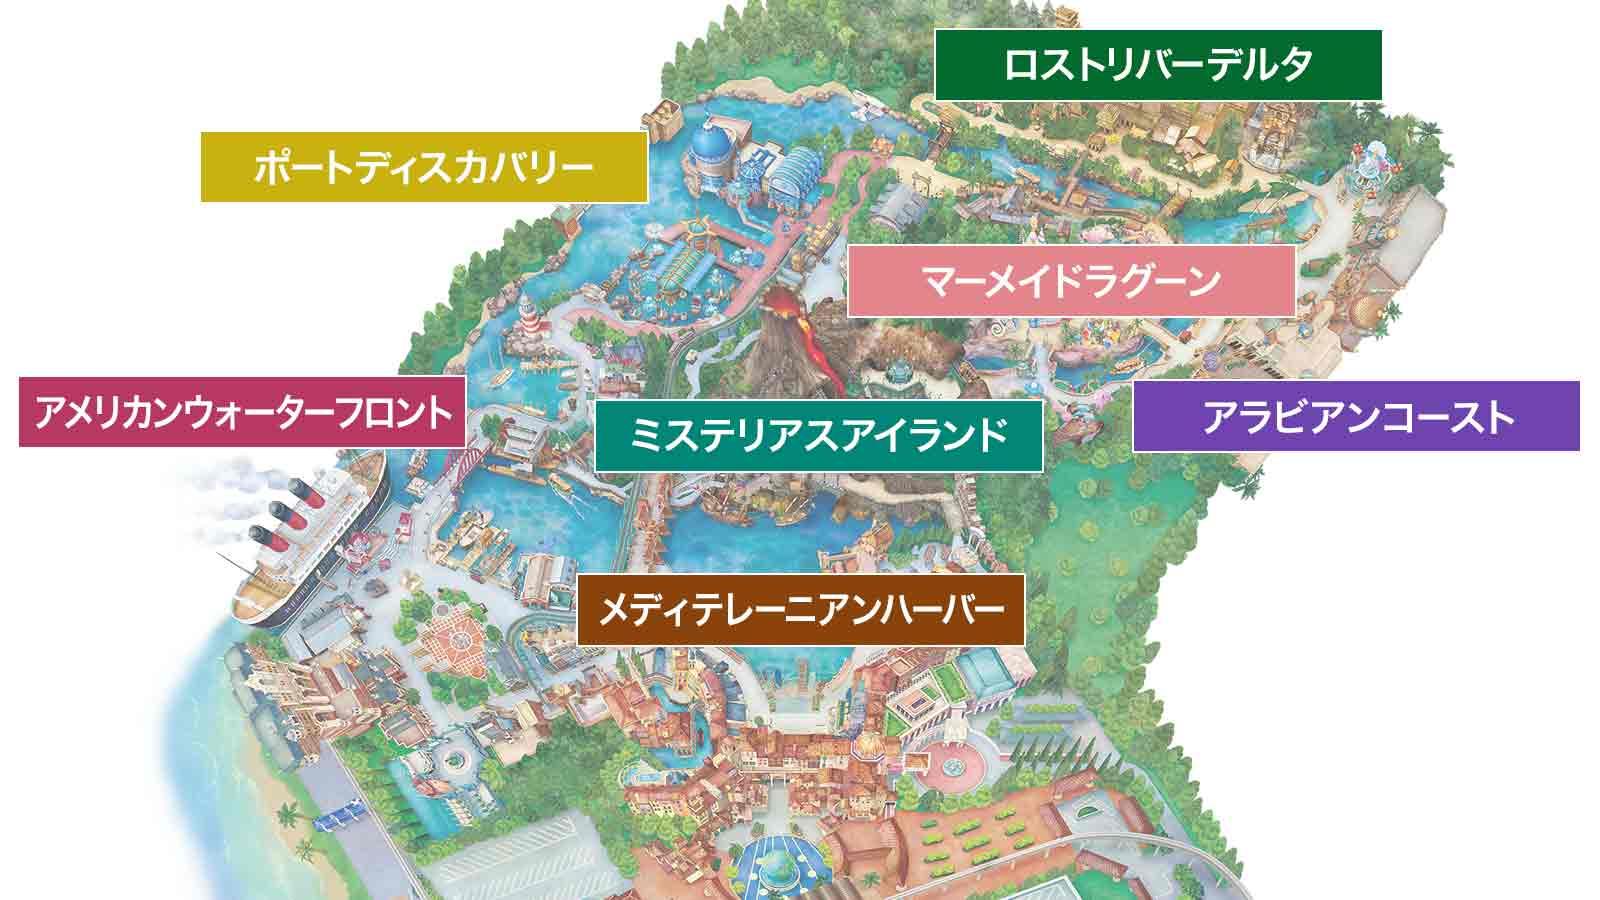 公式】マップ | 東京ディズニーシー